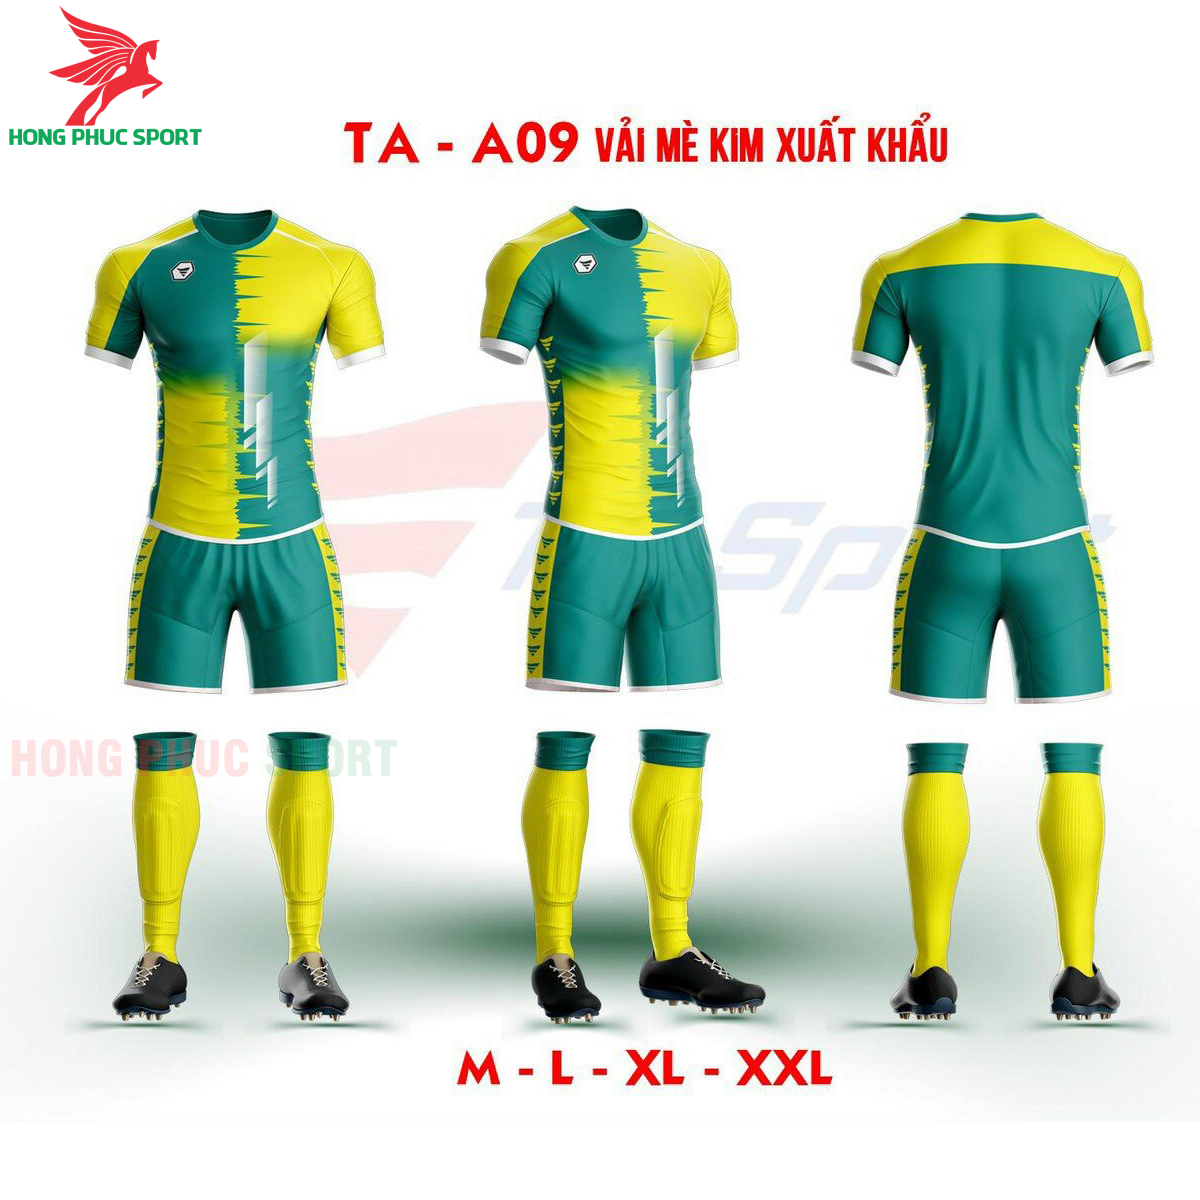 https://cdn.hongphucsport.com/unsafe/s4.shopbay.vn/files/285/ao-khong-logo-truong-an-ta-a09-mau-xanh-la-vang-603e0493851c2.png